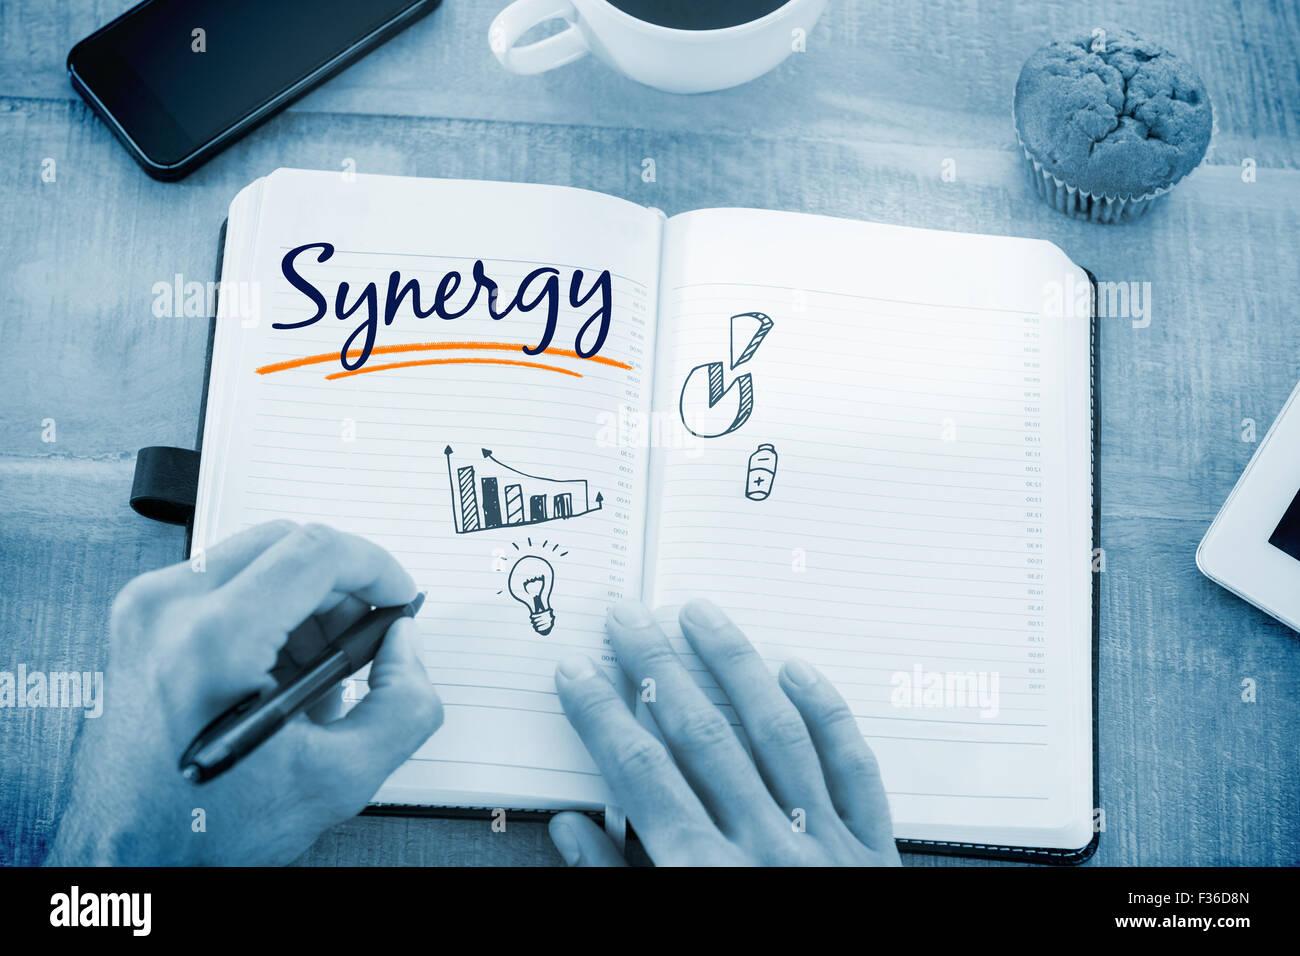 Synergie contre les entreprises graphiques Photo Stock